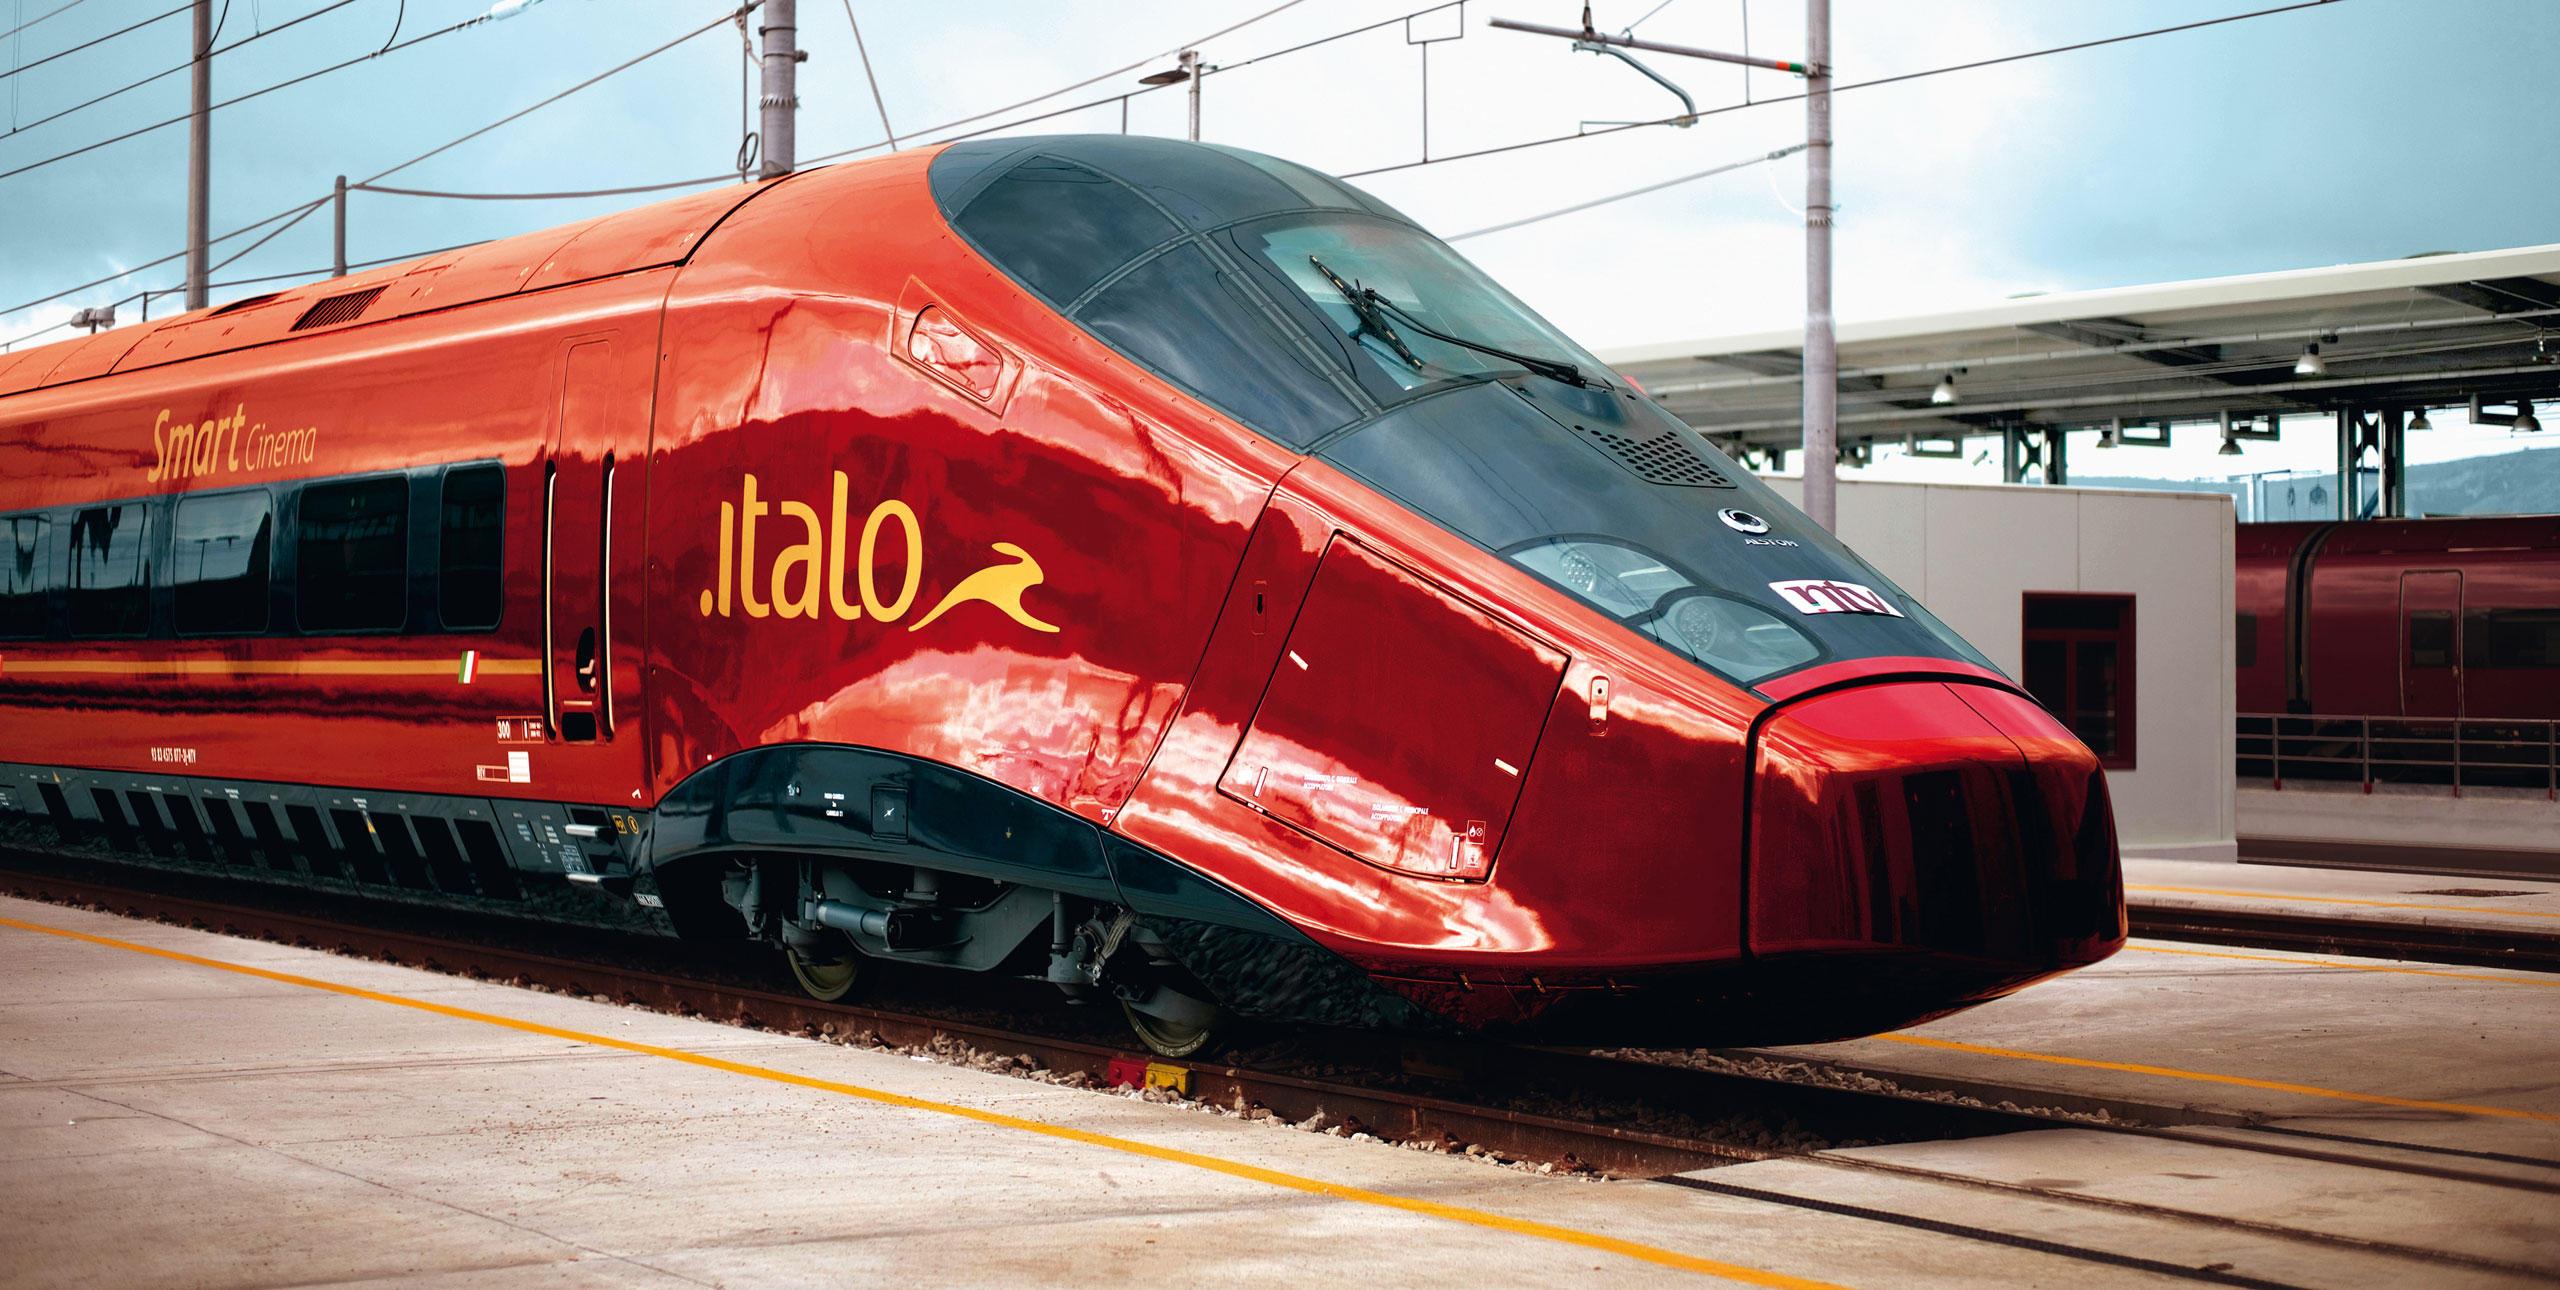 La grossa offerta per acquistare la società dei treni Italo